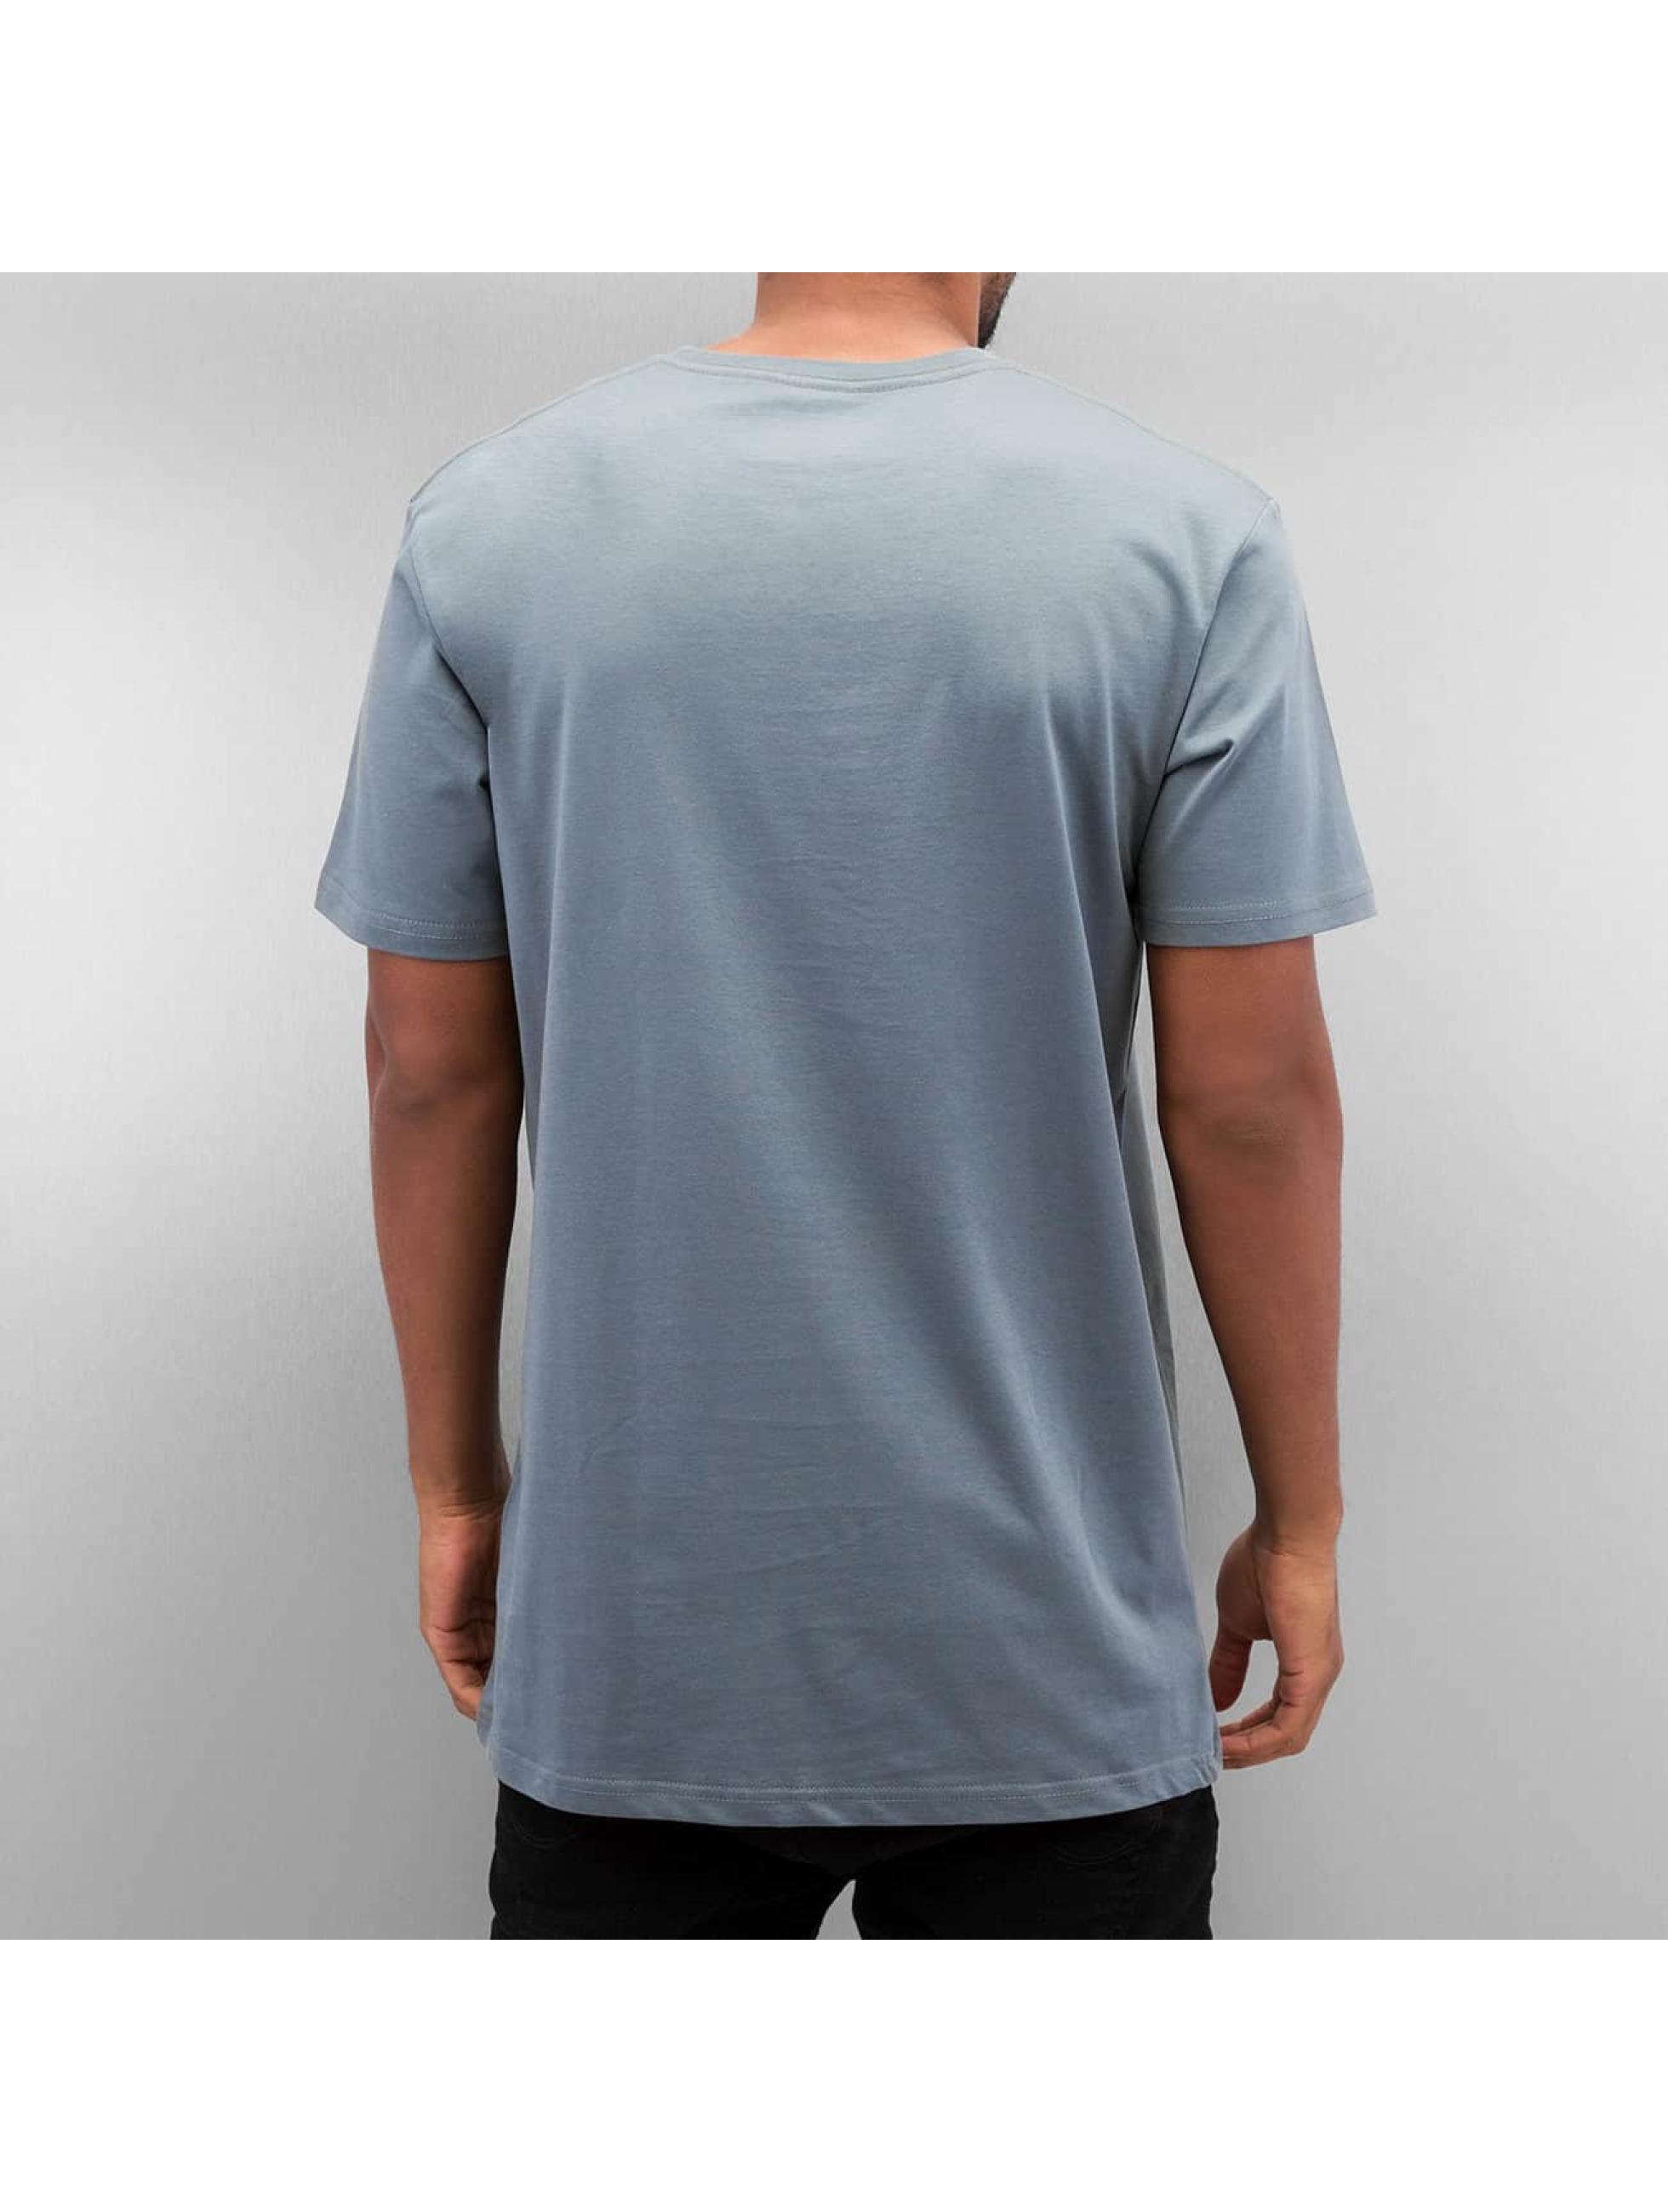 Quiksilver T-Shirt Sintra Beach blue